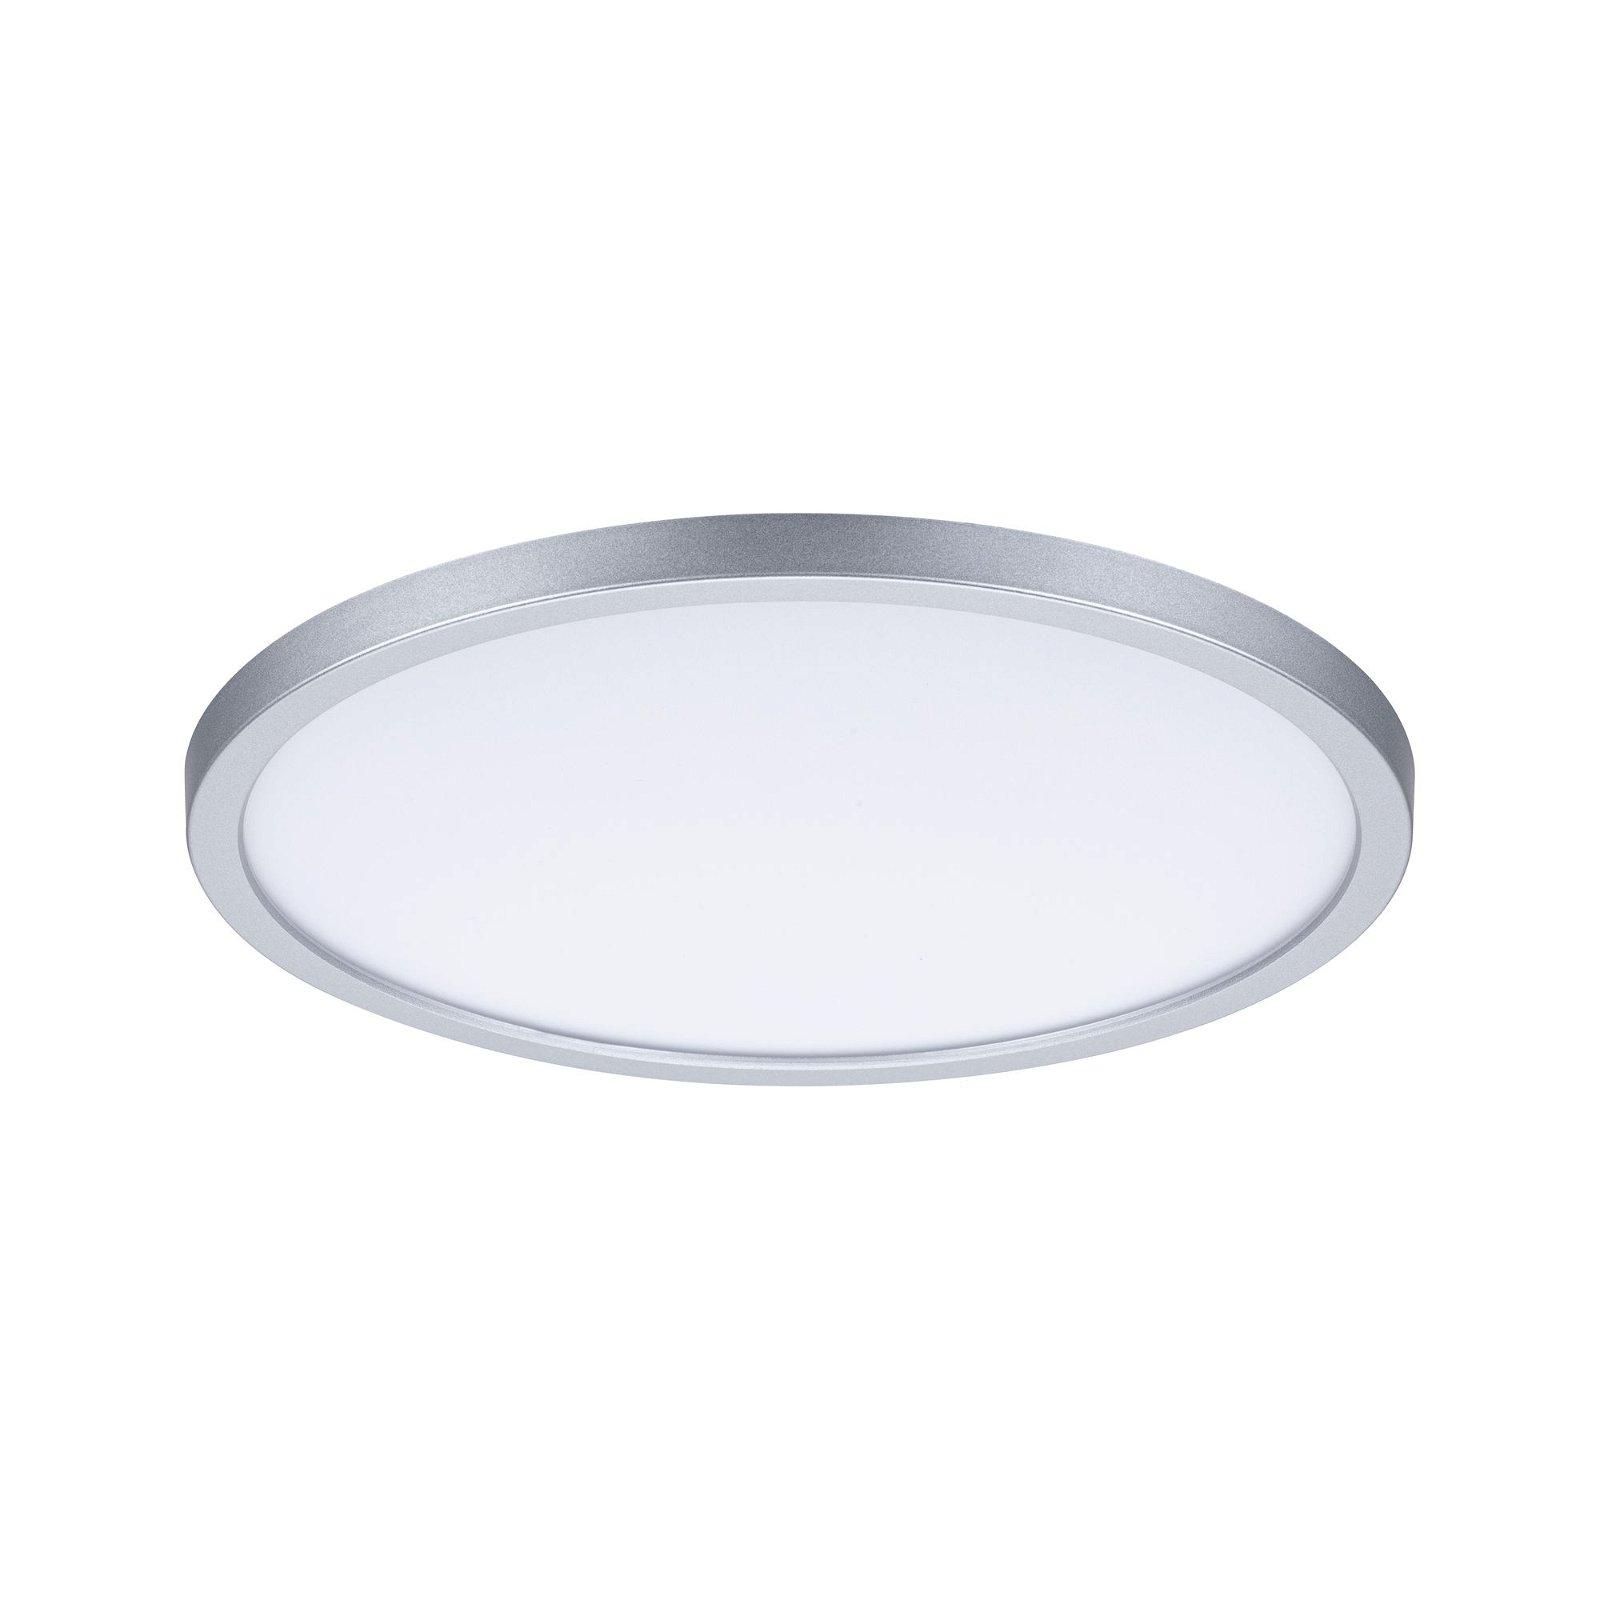 VariFit LED Einbaupanel Smart Home Zigbee Areo IP44 rund 230mm Tunable White Chrom matt